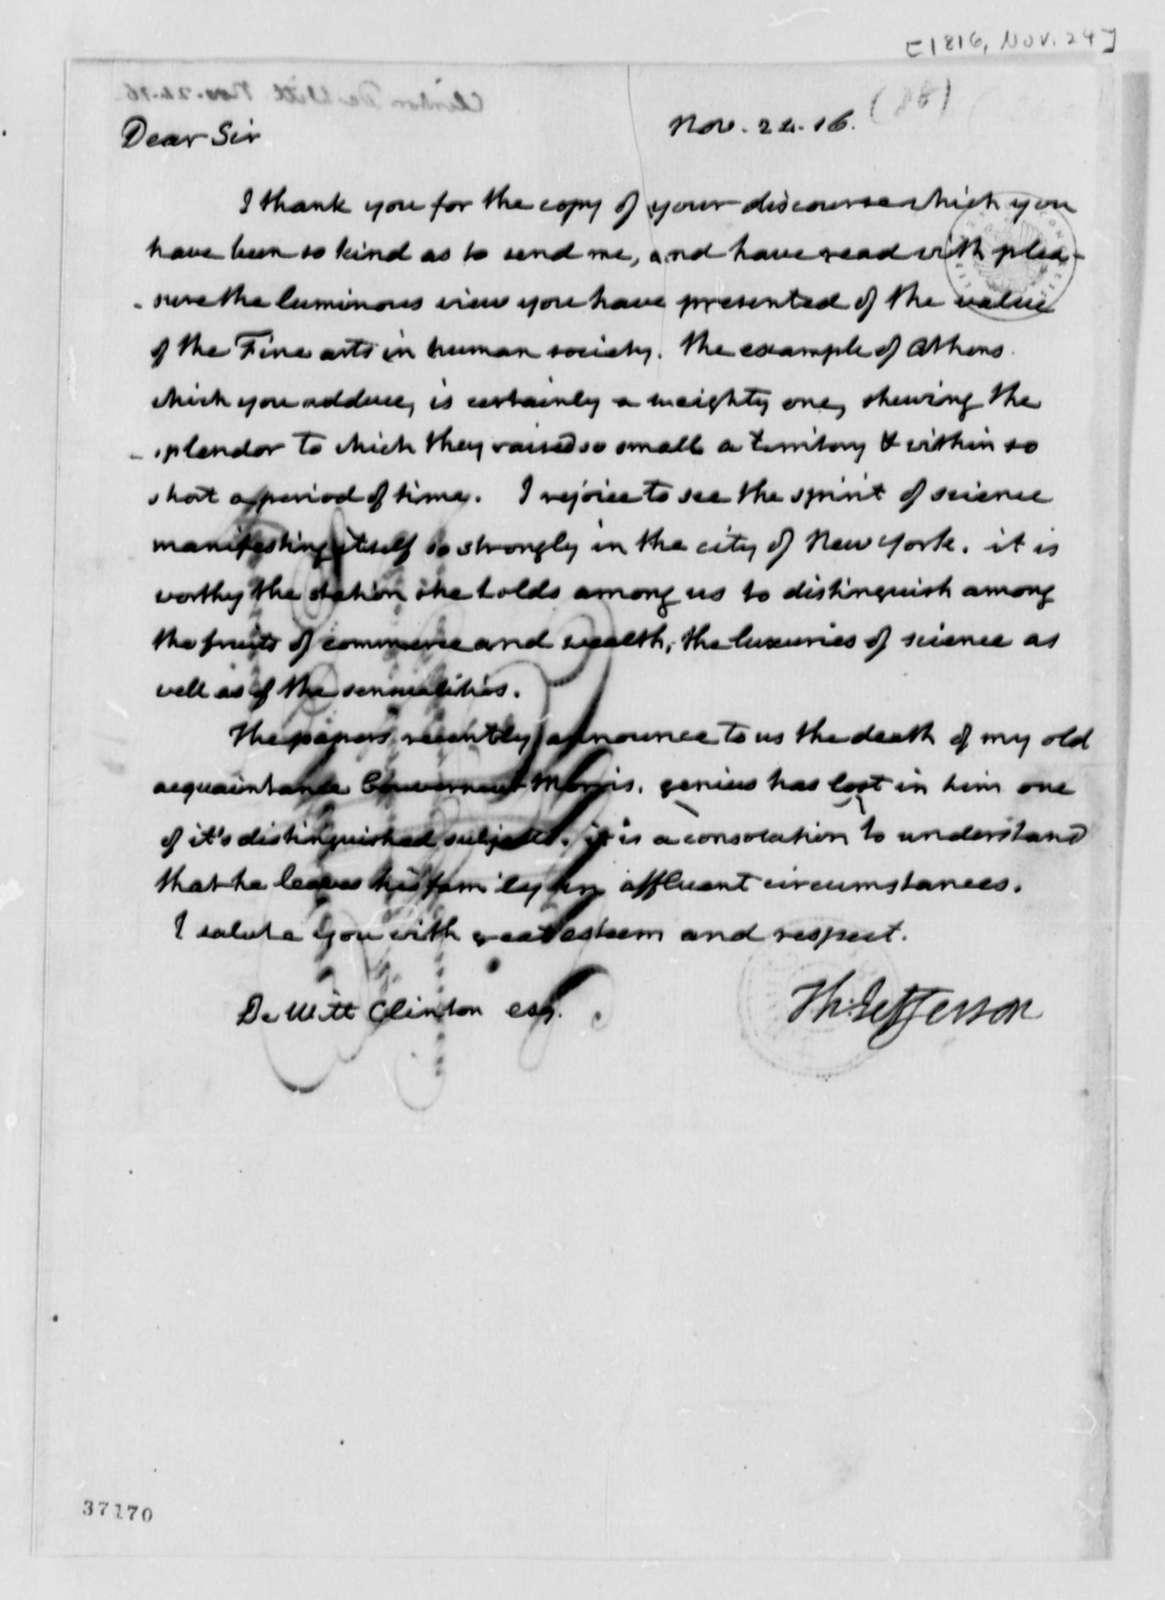 Thomas Jefferson to Dewitt Clinton, November 24, 1816